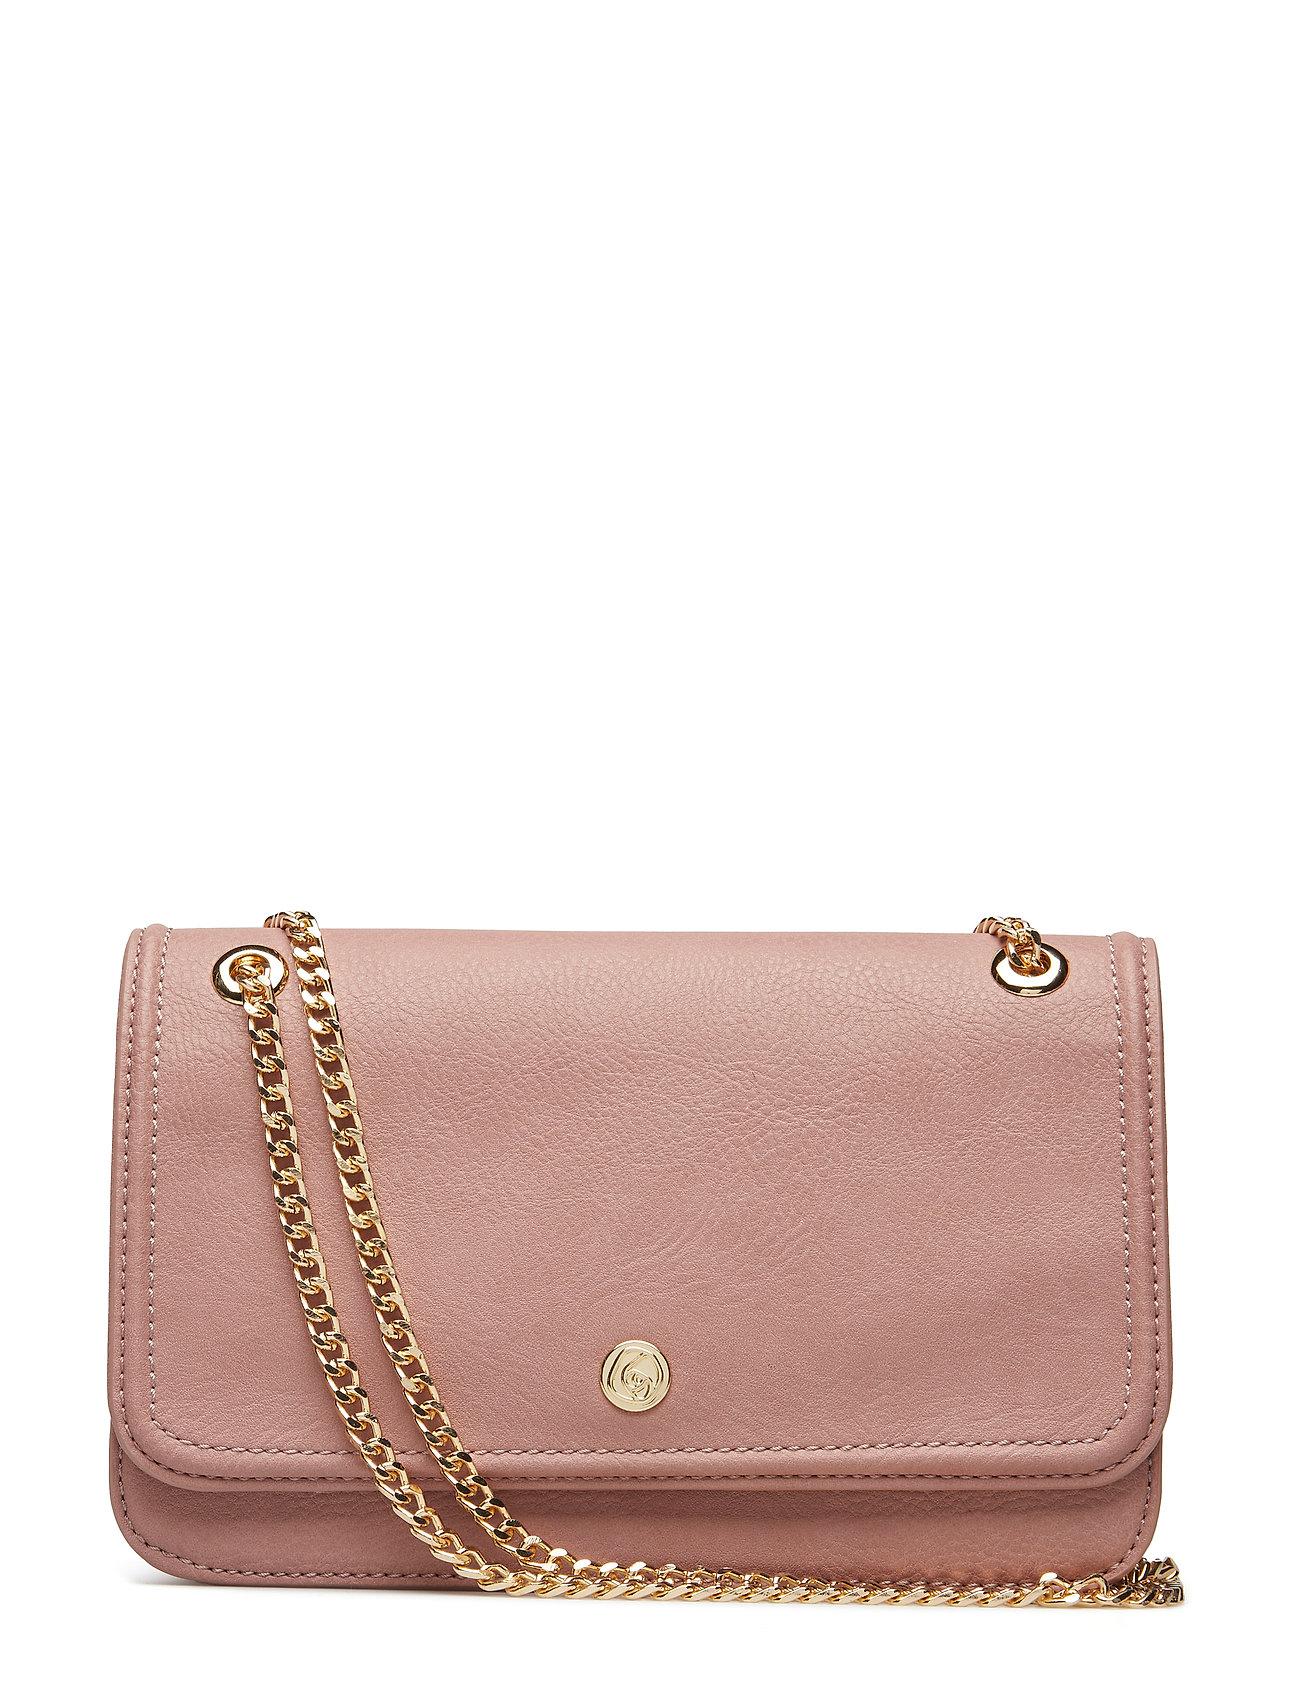 Image of Bag Small (3134851805)